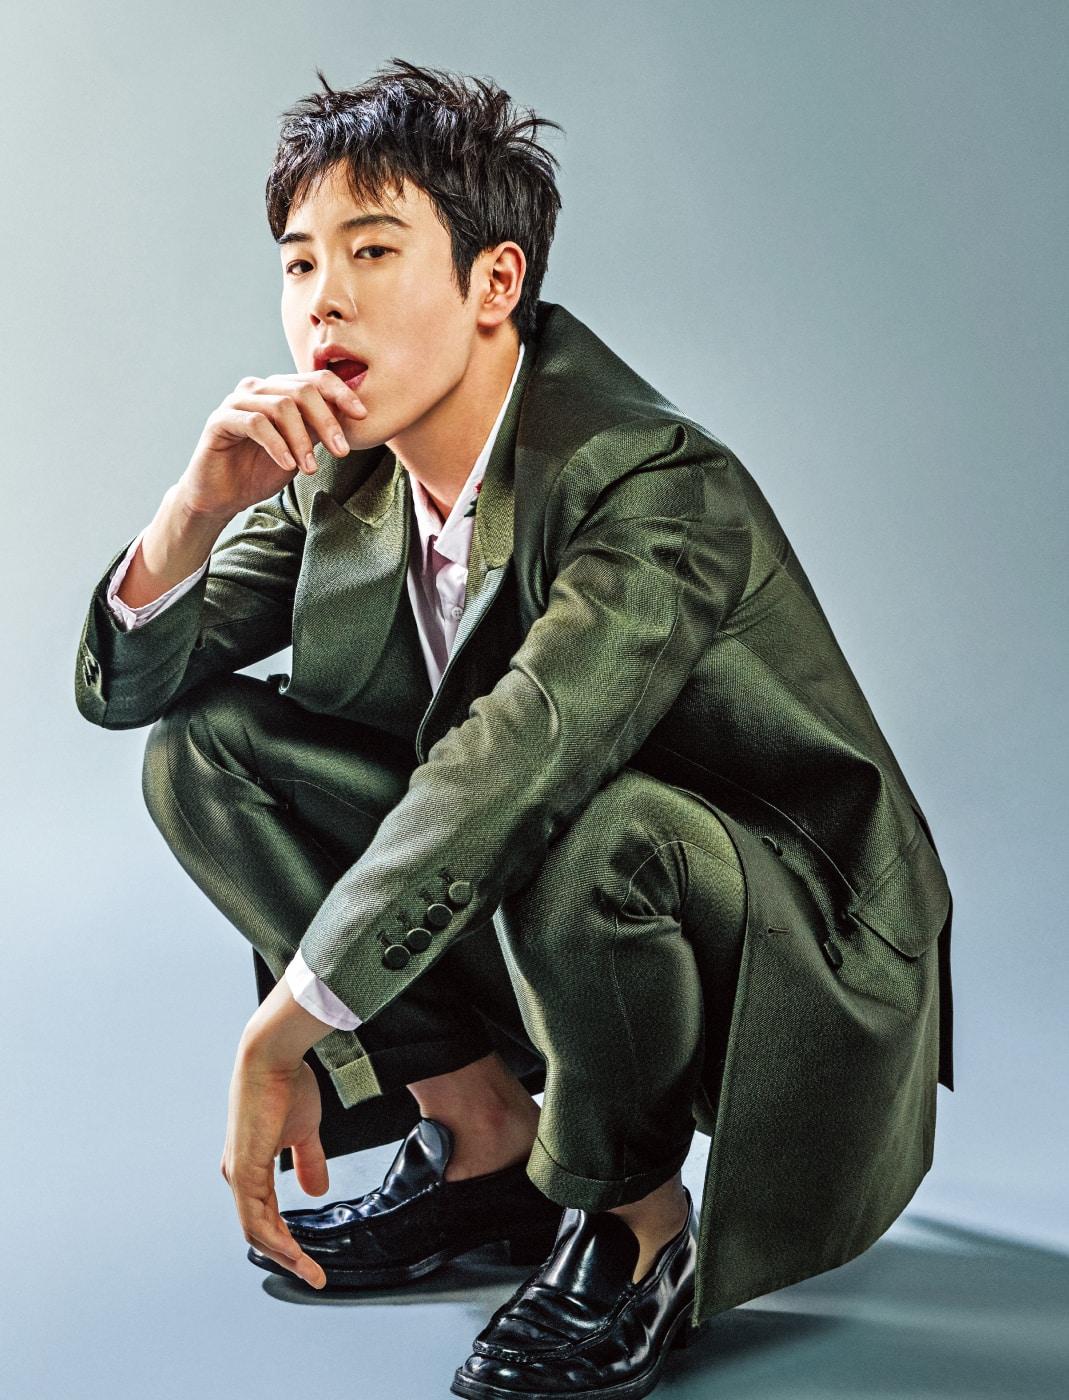 슈트는 김서룡 옴므 (Kimseoryong Homme). 셔츠는 스타일리스트 소장품.